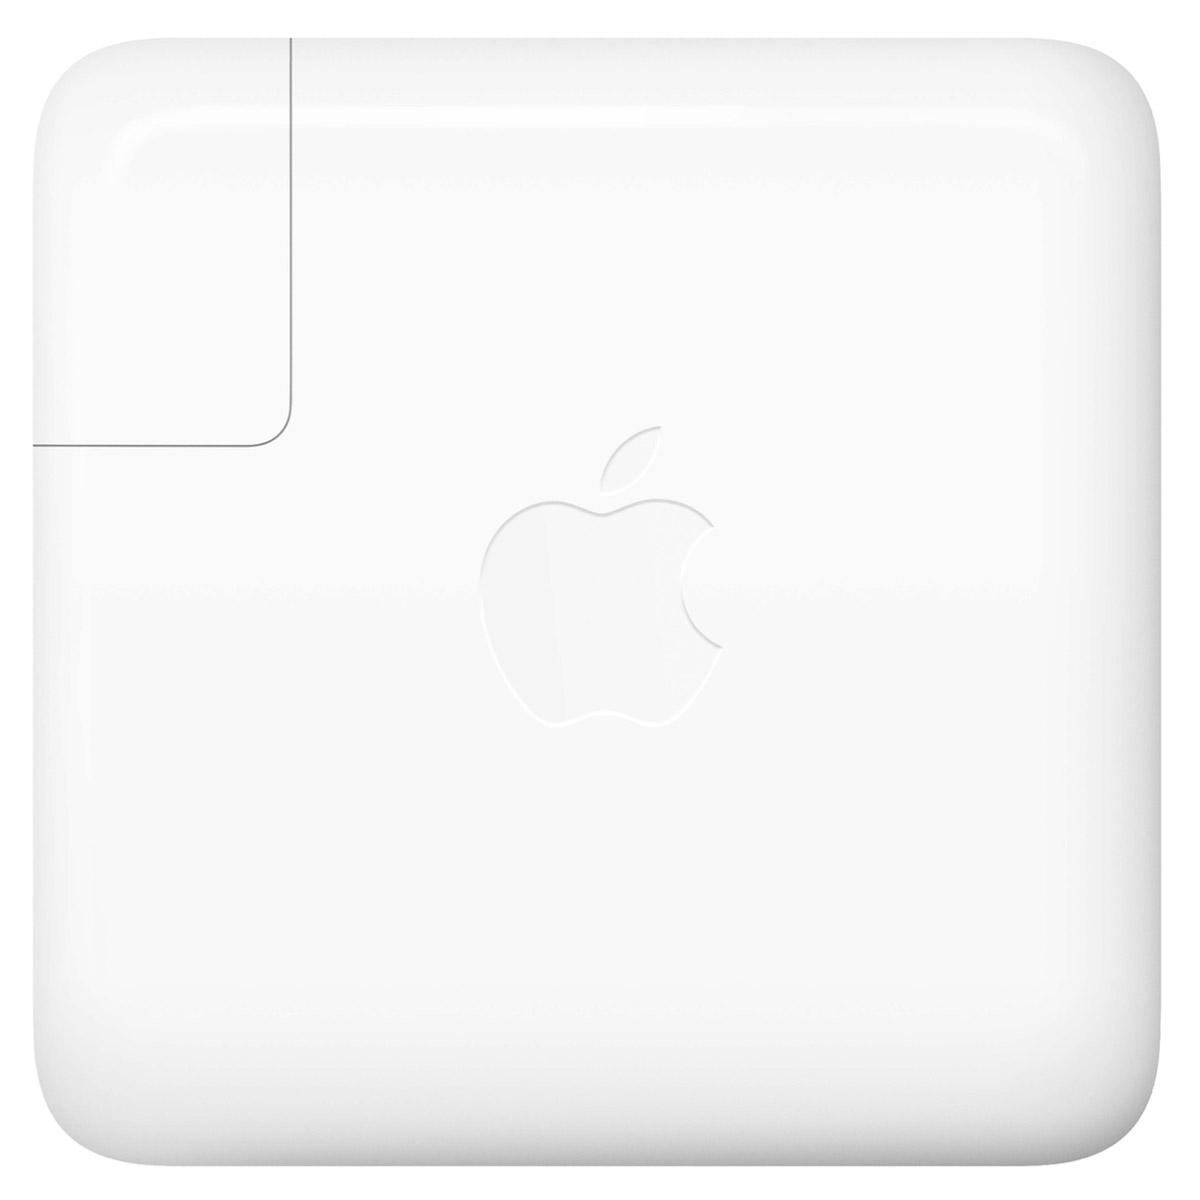 Solution problème chargeur macbook charge pas